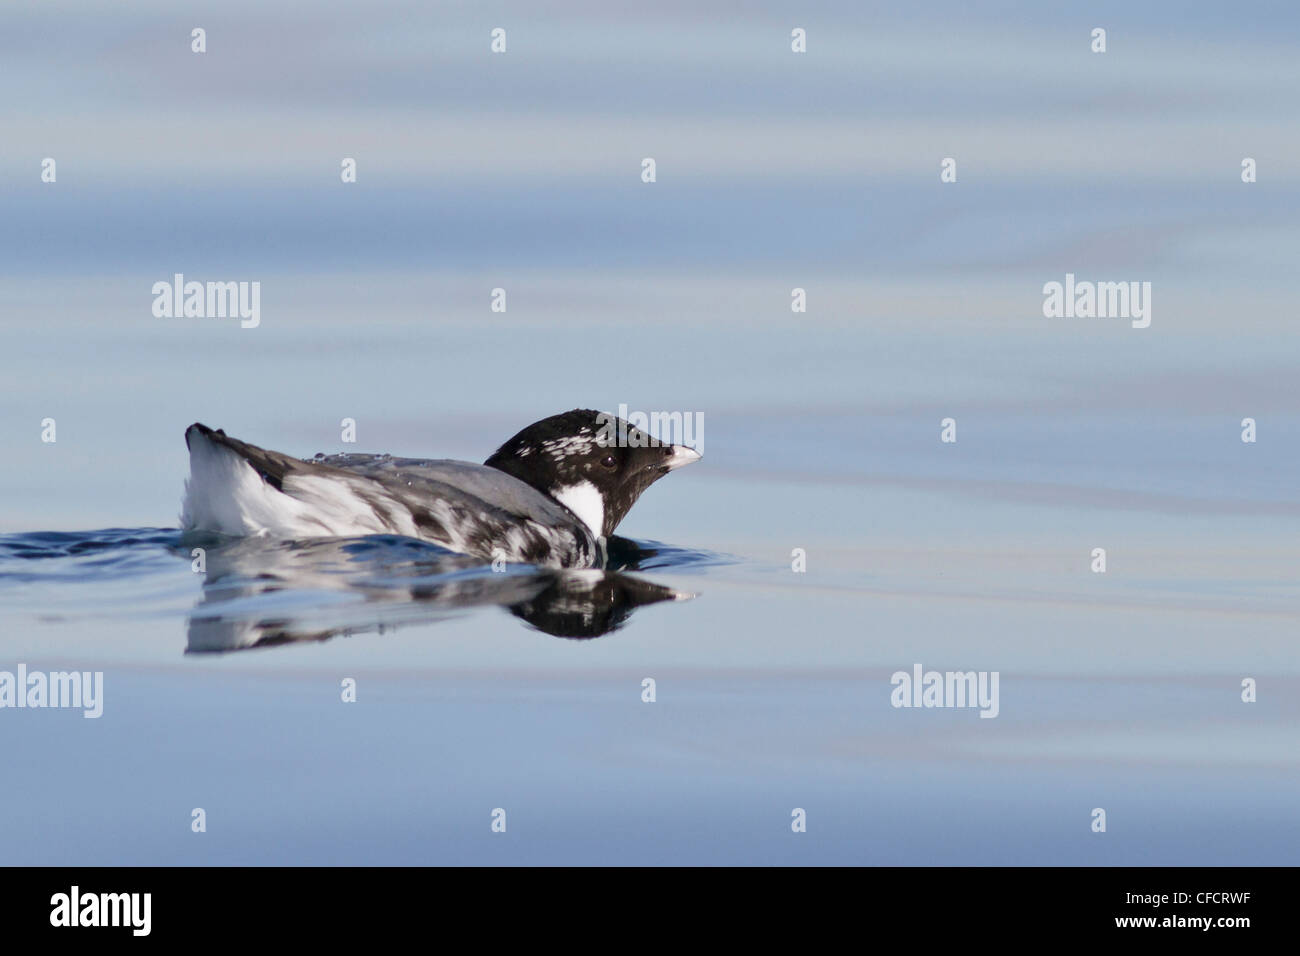 Ancient Murrelet (Synthliboramphus antiquus) swimming on the ocean near Victoria, British Columbia, Canada. - Stock Image